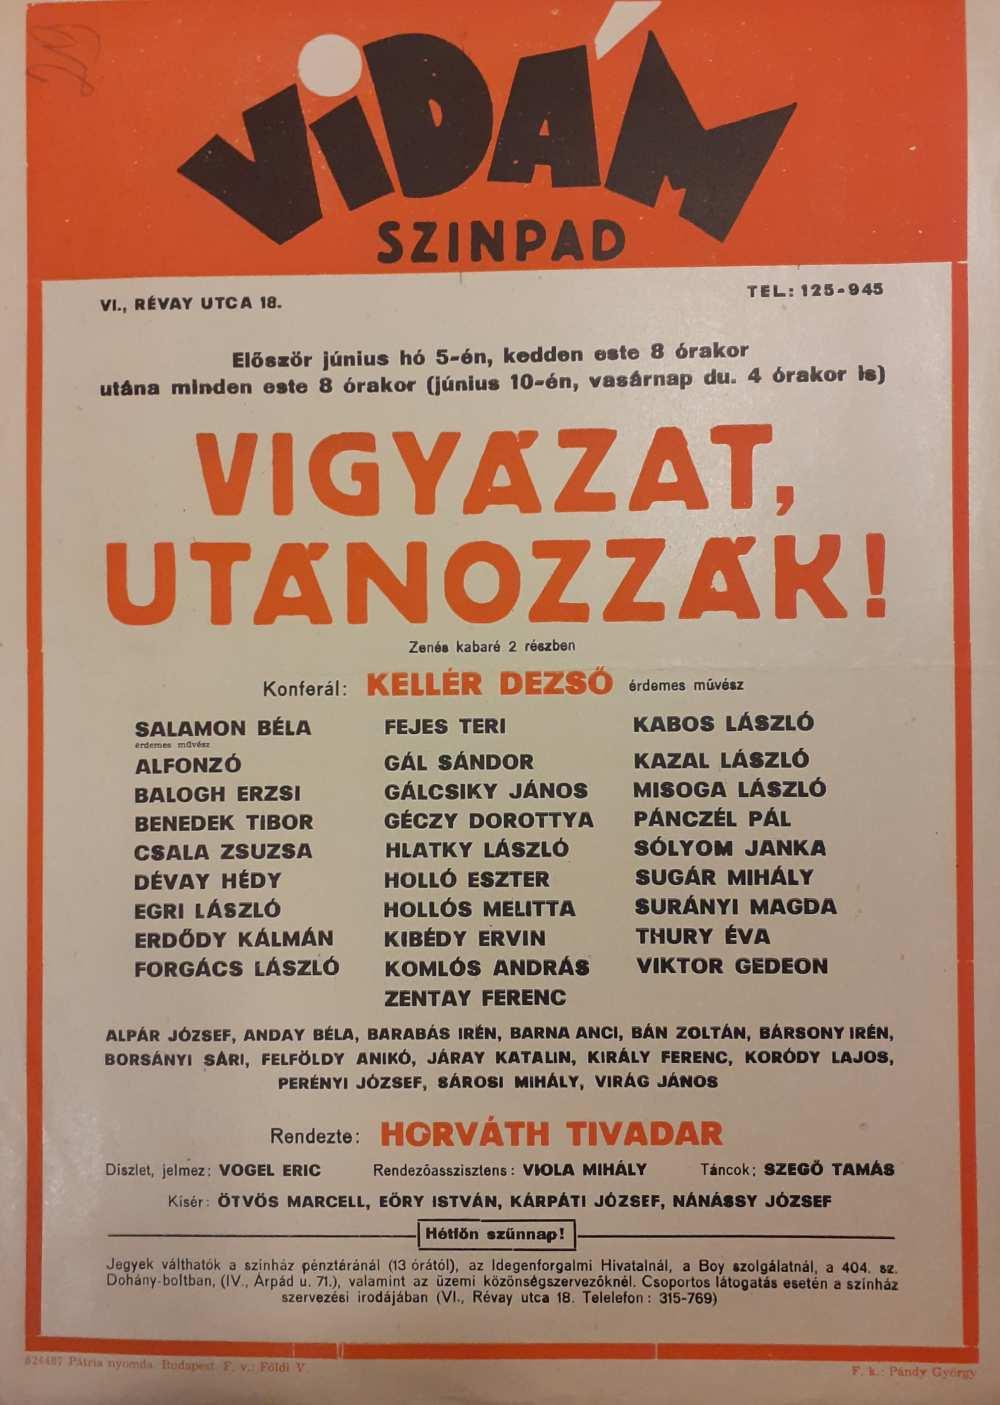 Vigyázat, utánozzák! Zenés kabaré 2 részben. Rendezte Horváth Tivadar. Bemutató: 1962. június 5-én. Színlap – Színháztörténeti és Zeneműtár